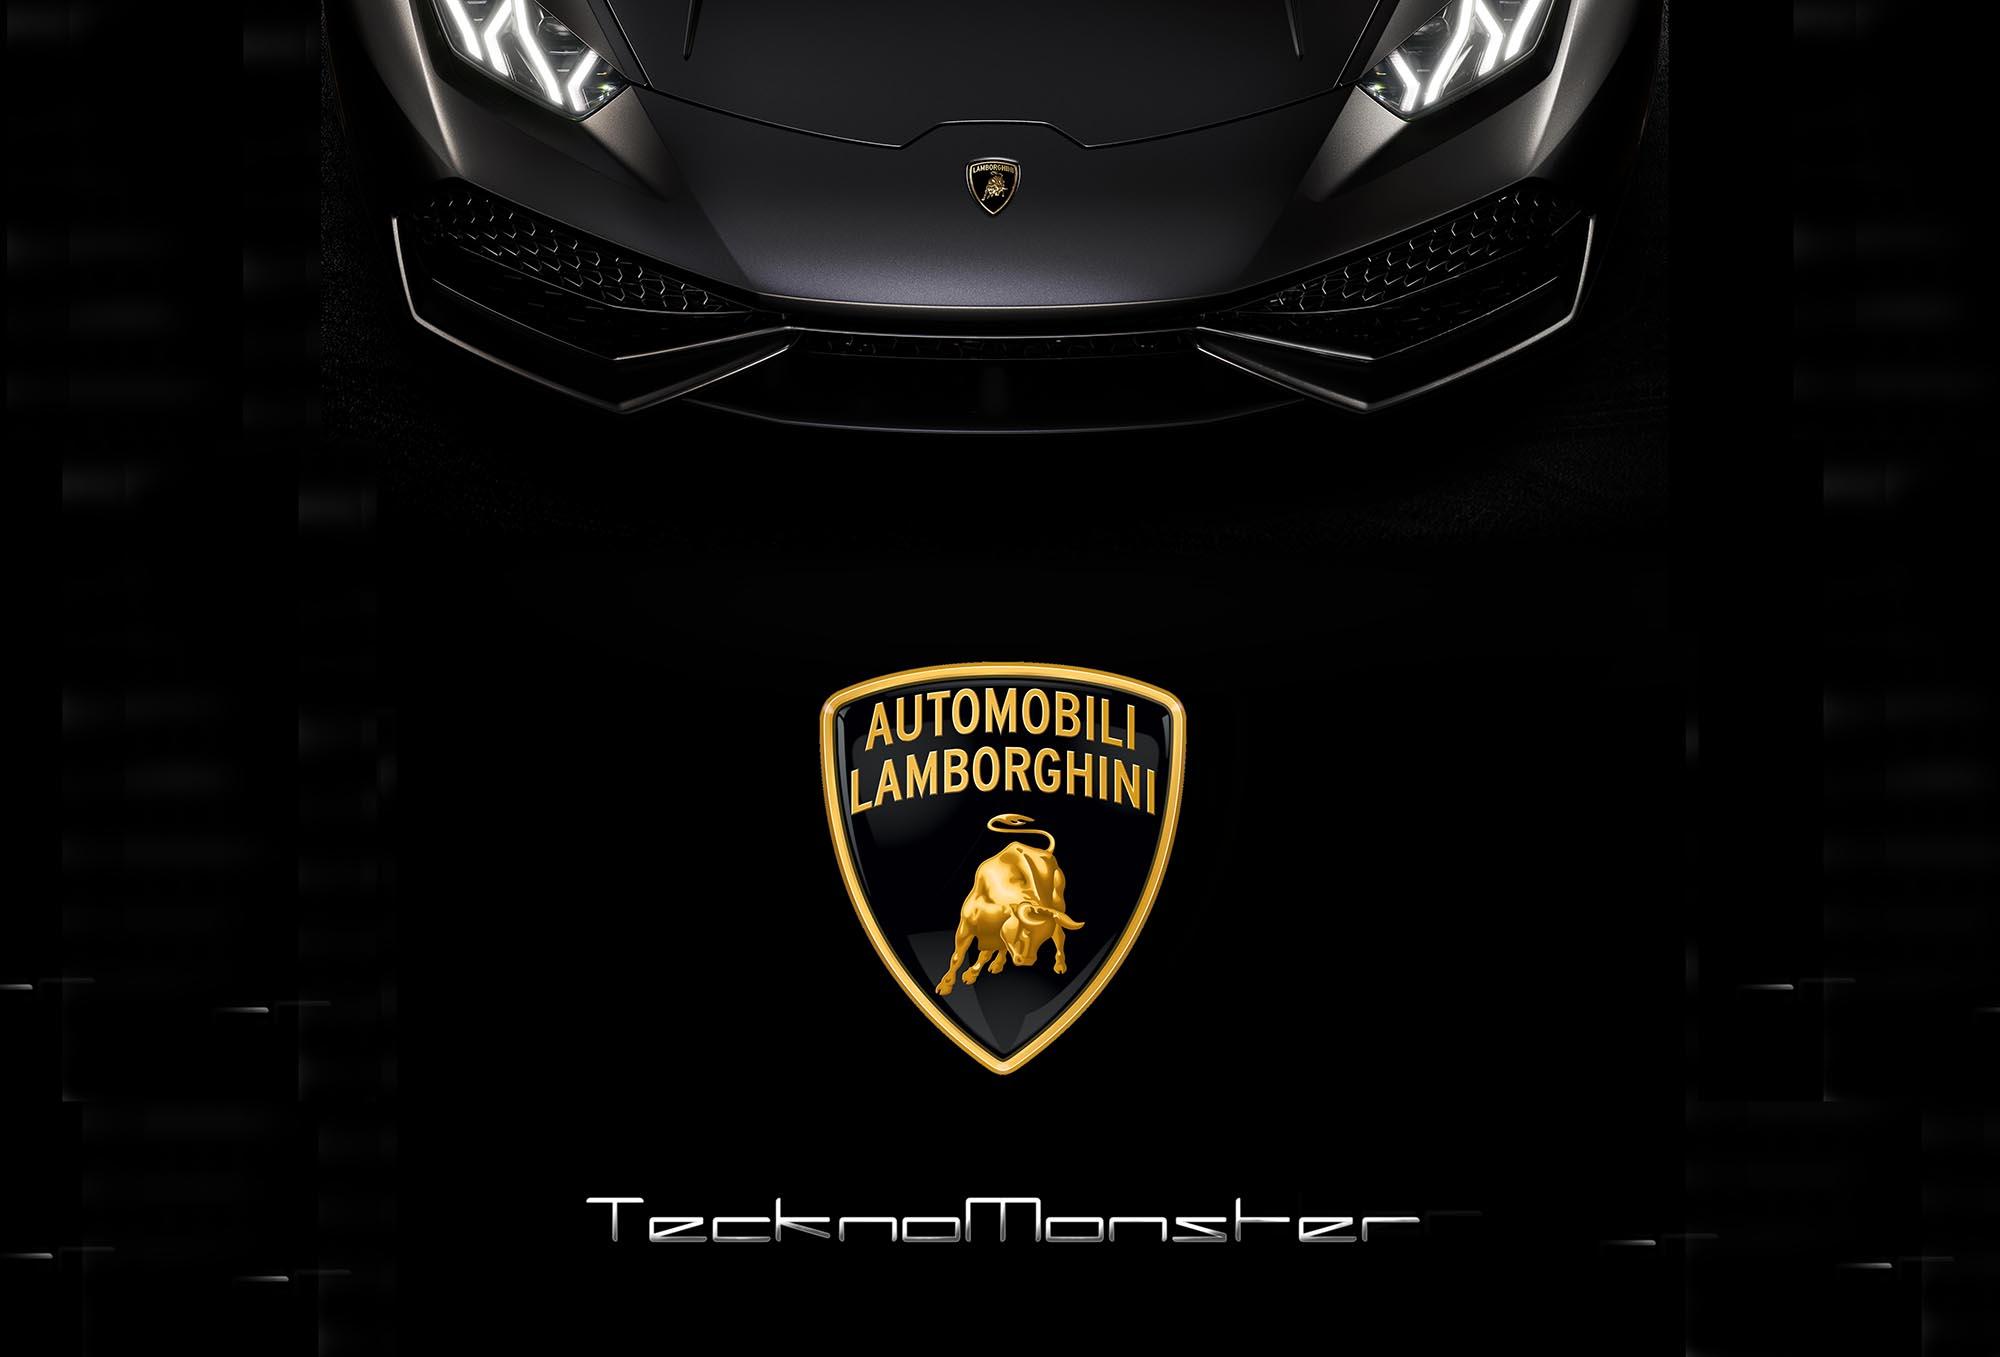 貴過 LV ! Lamborghini x TecknoMonster 行李箱全球最貴